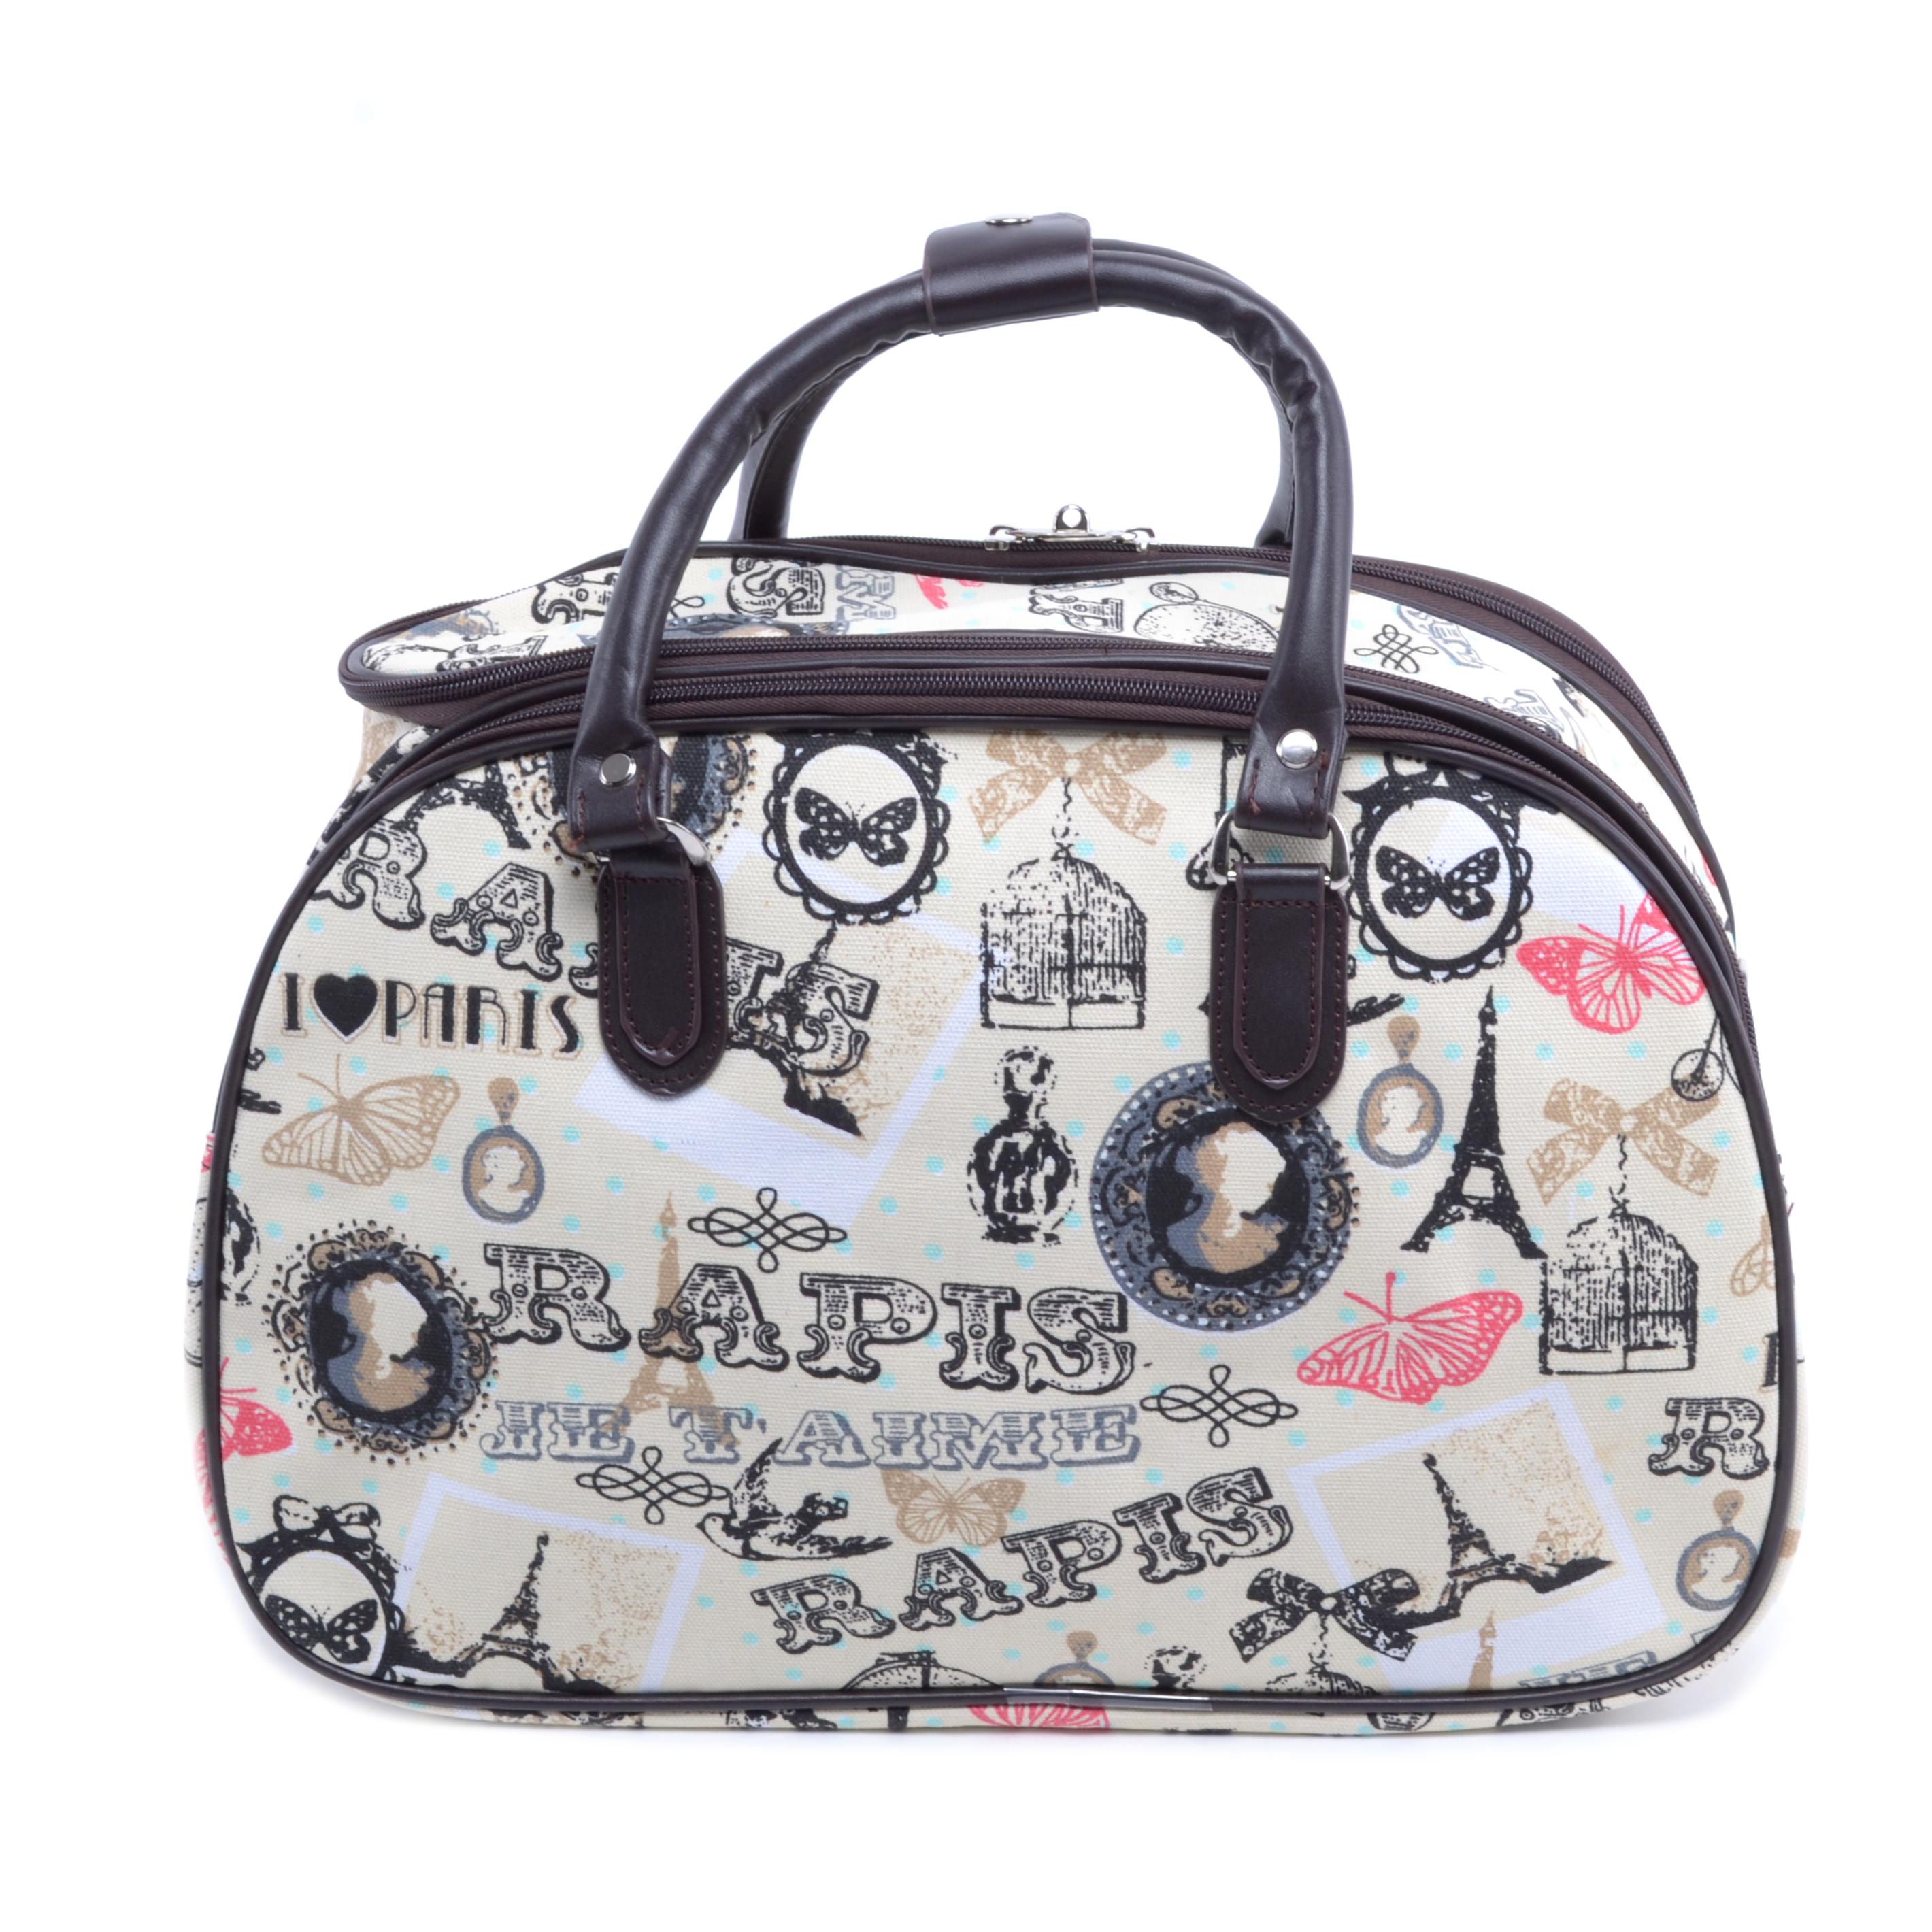 Besty Wizzair Paris Szövet Utazótáska - KIS MÉRETŰ UTAZÓTÁSKA - Táska  webáruház - Minőségi táskák mindenkinek 1007a2daa4